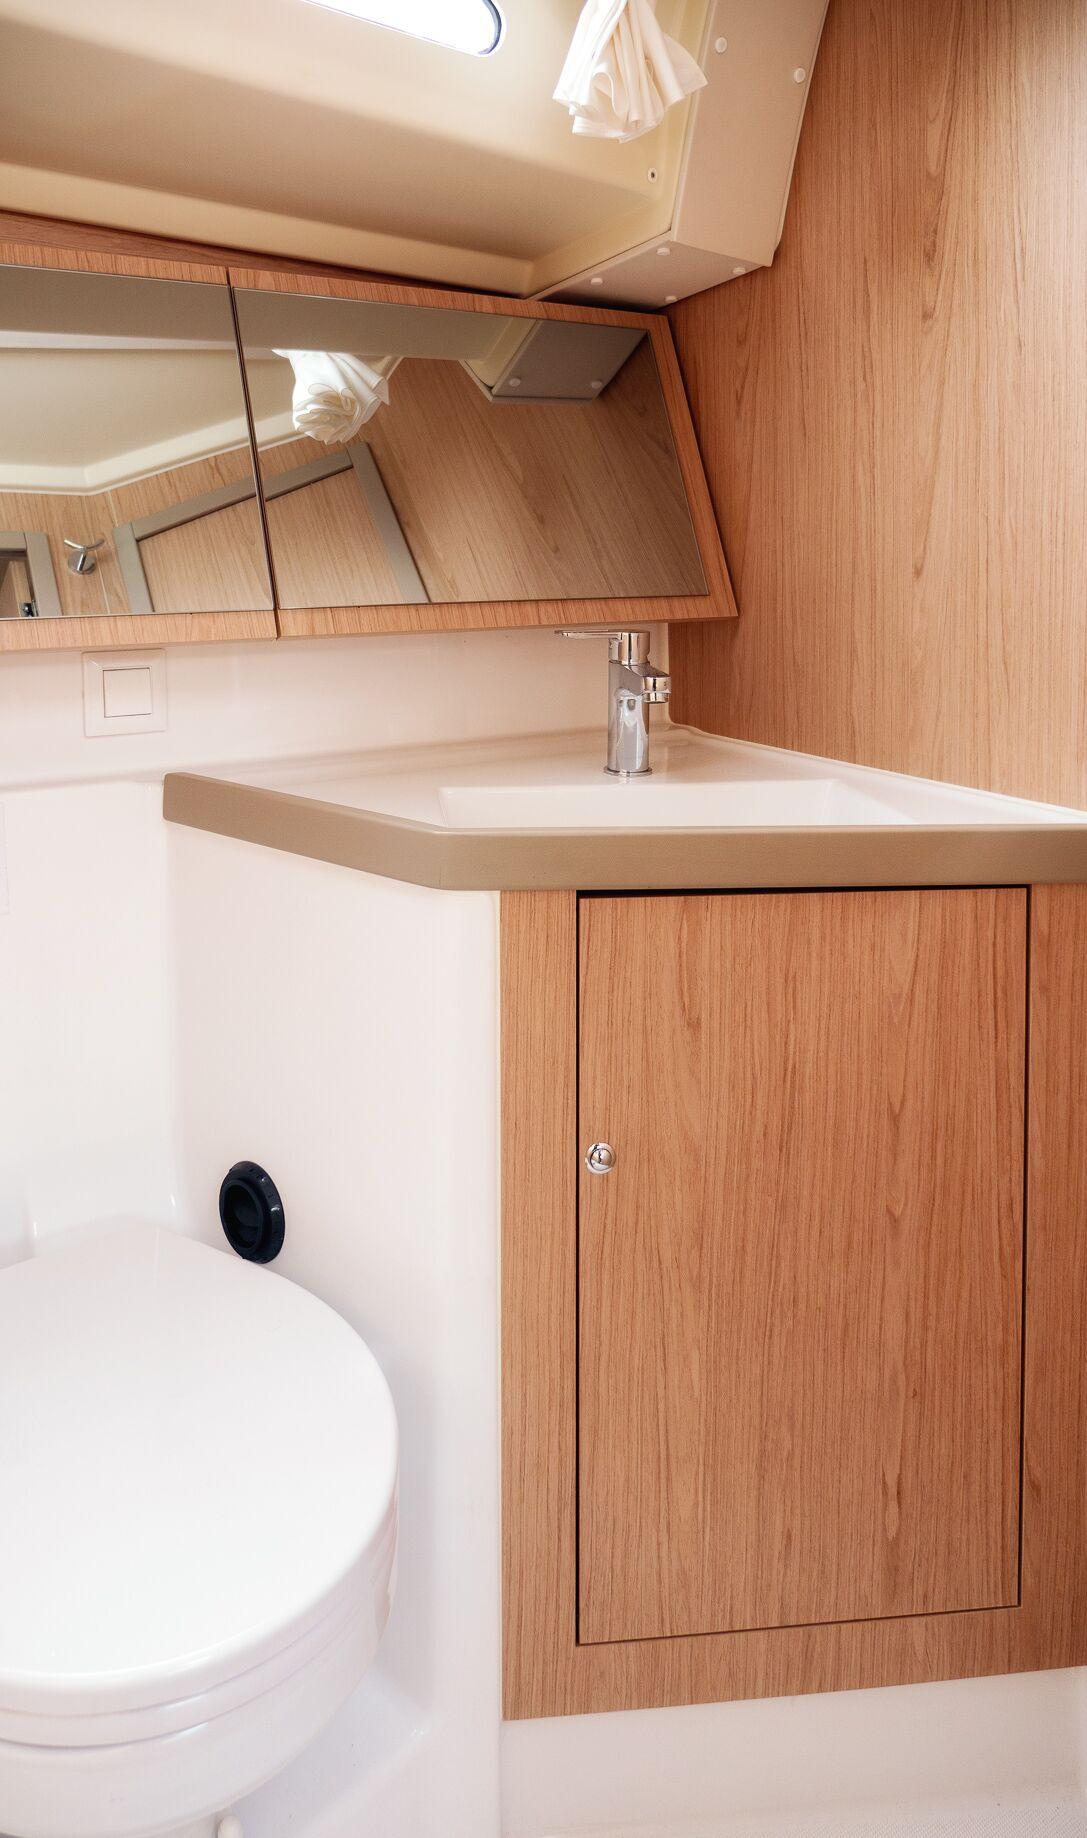 Oceanis 41.1 (GOA) Interior - toilet (photo taken 2019) - 11